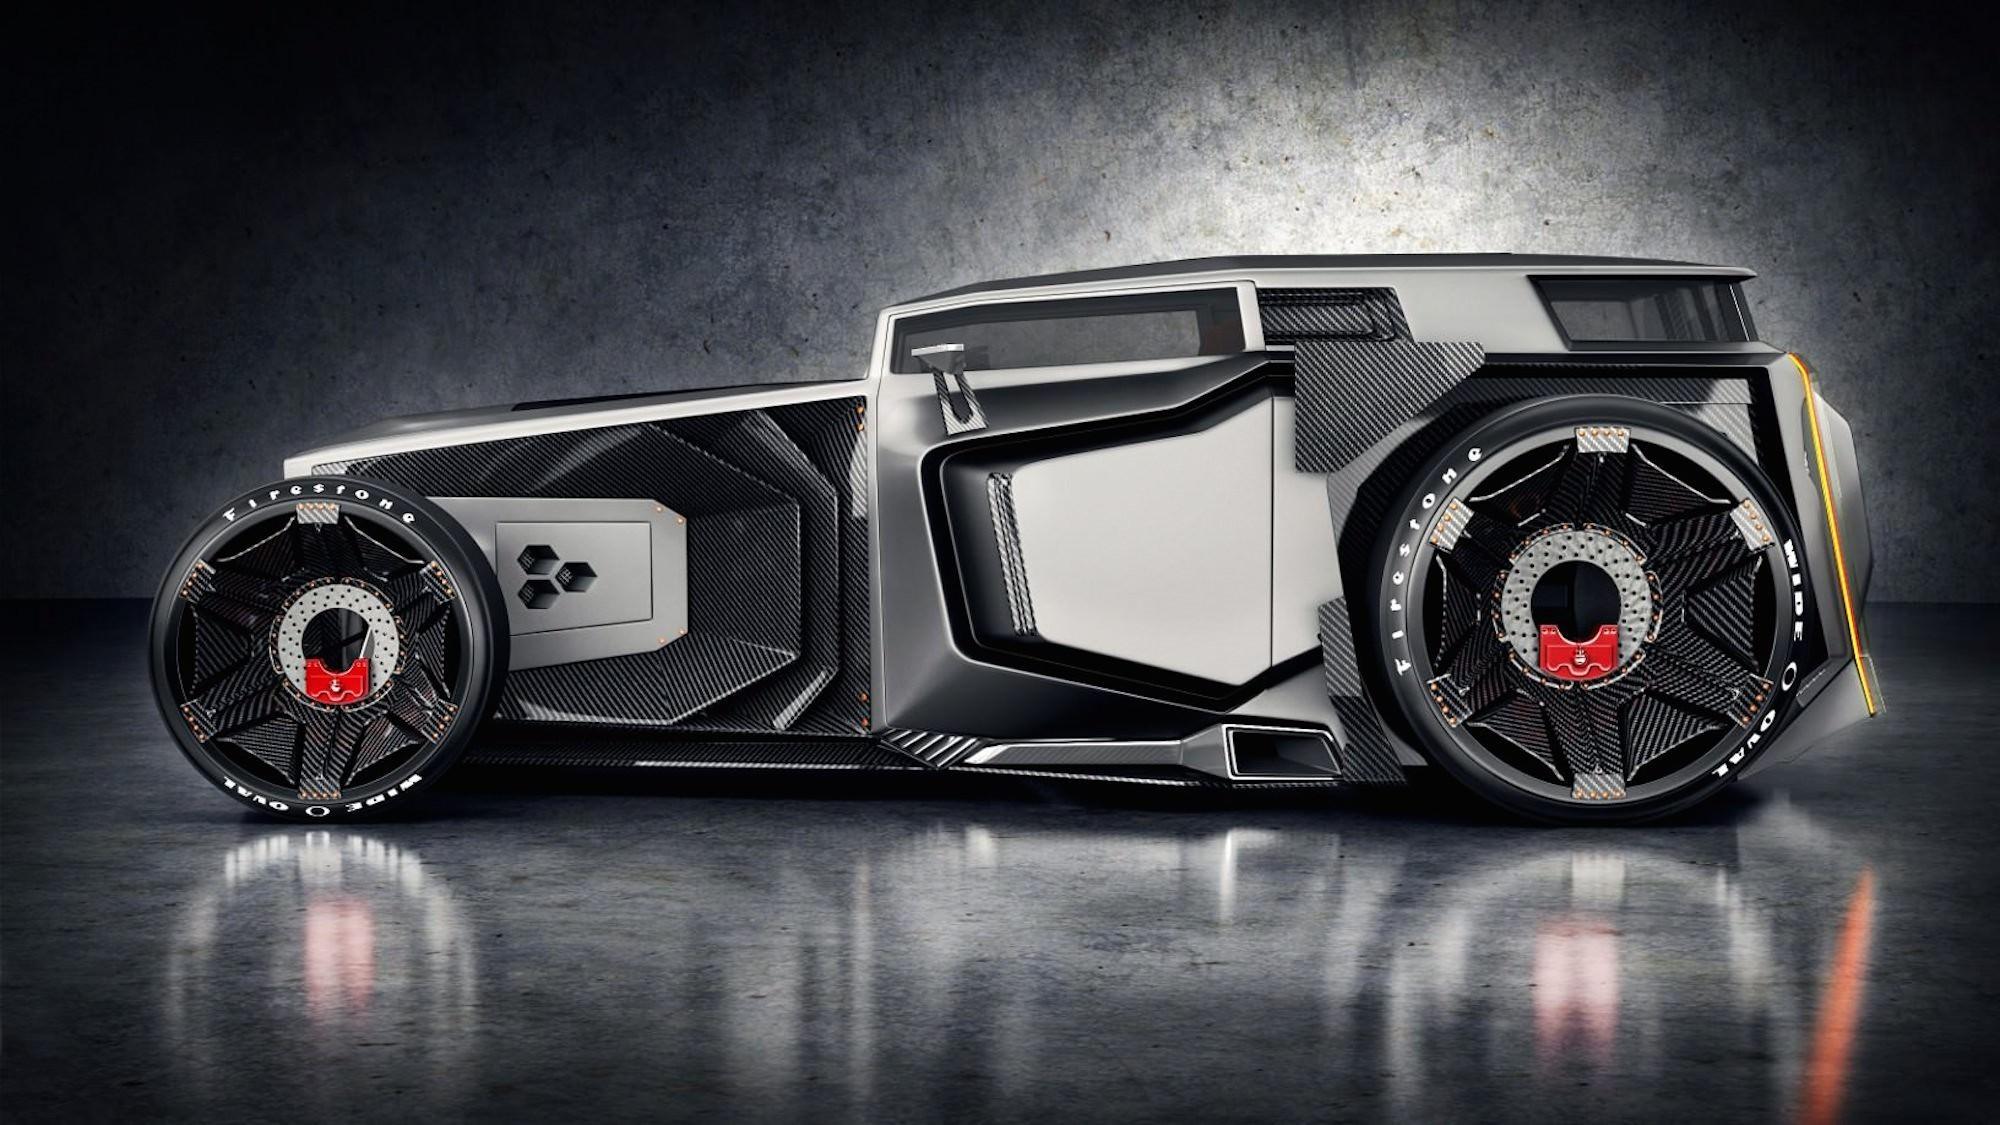 Lamborghini Rat Rod – Silodrome